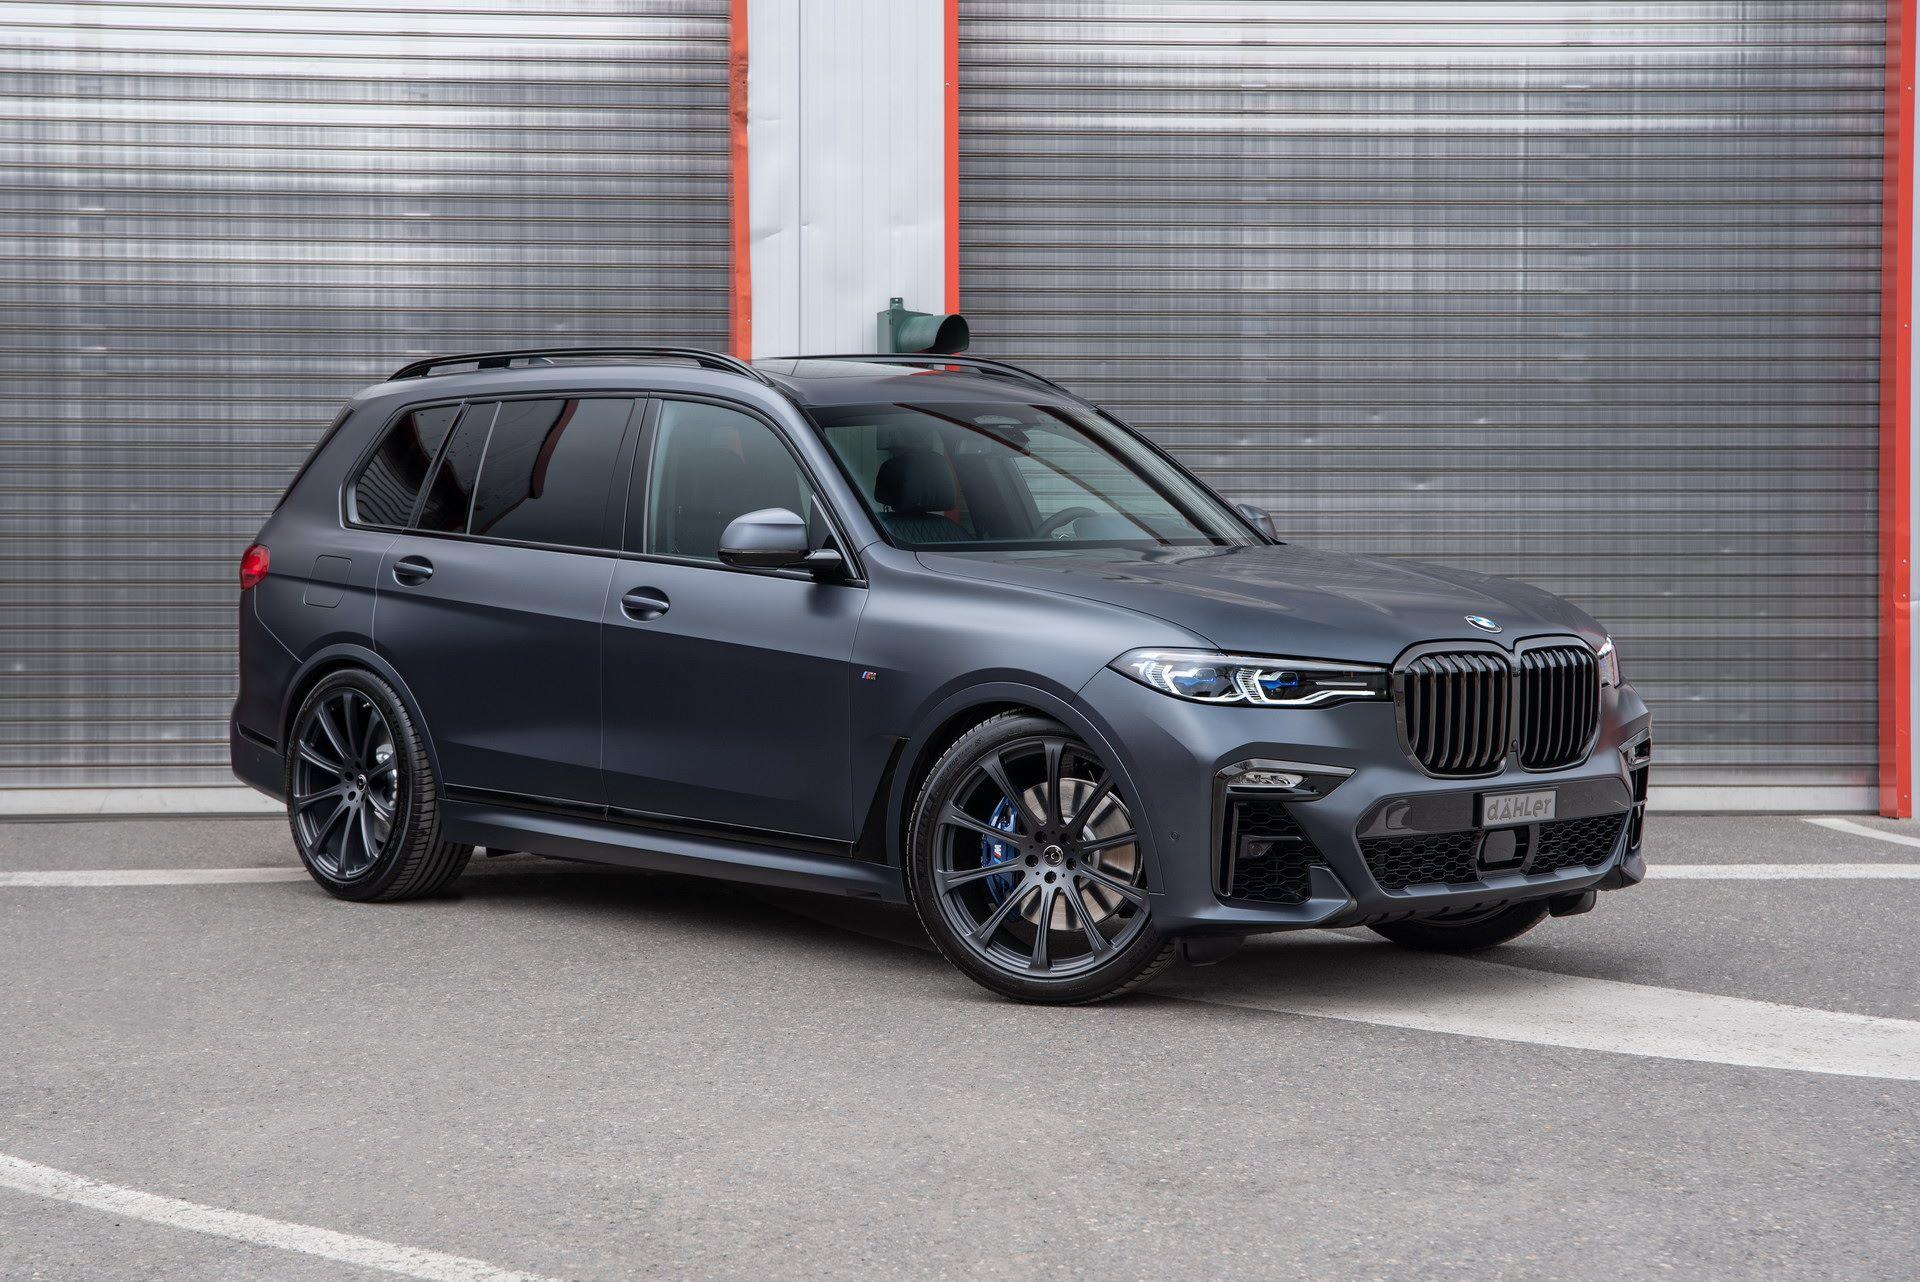 BMW-X7-by-Dahler-1